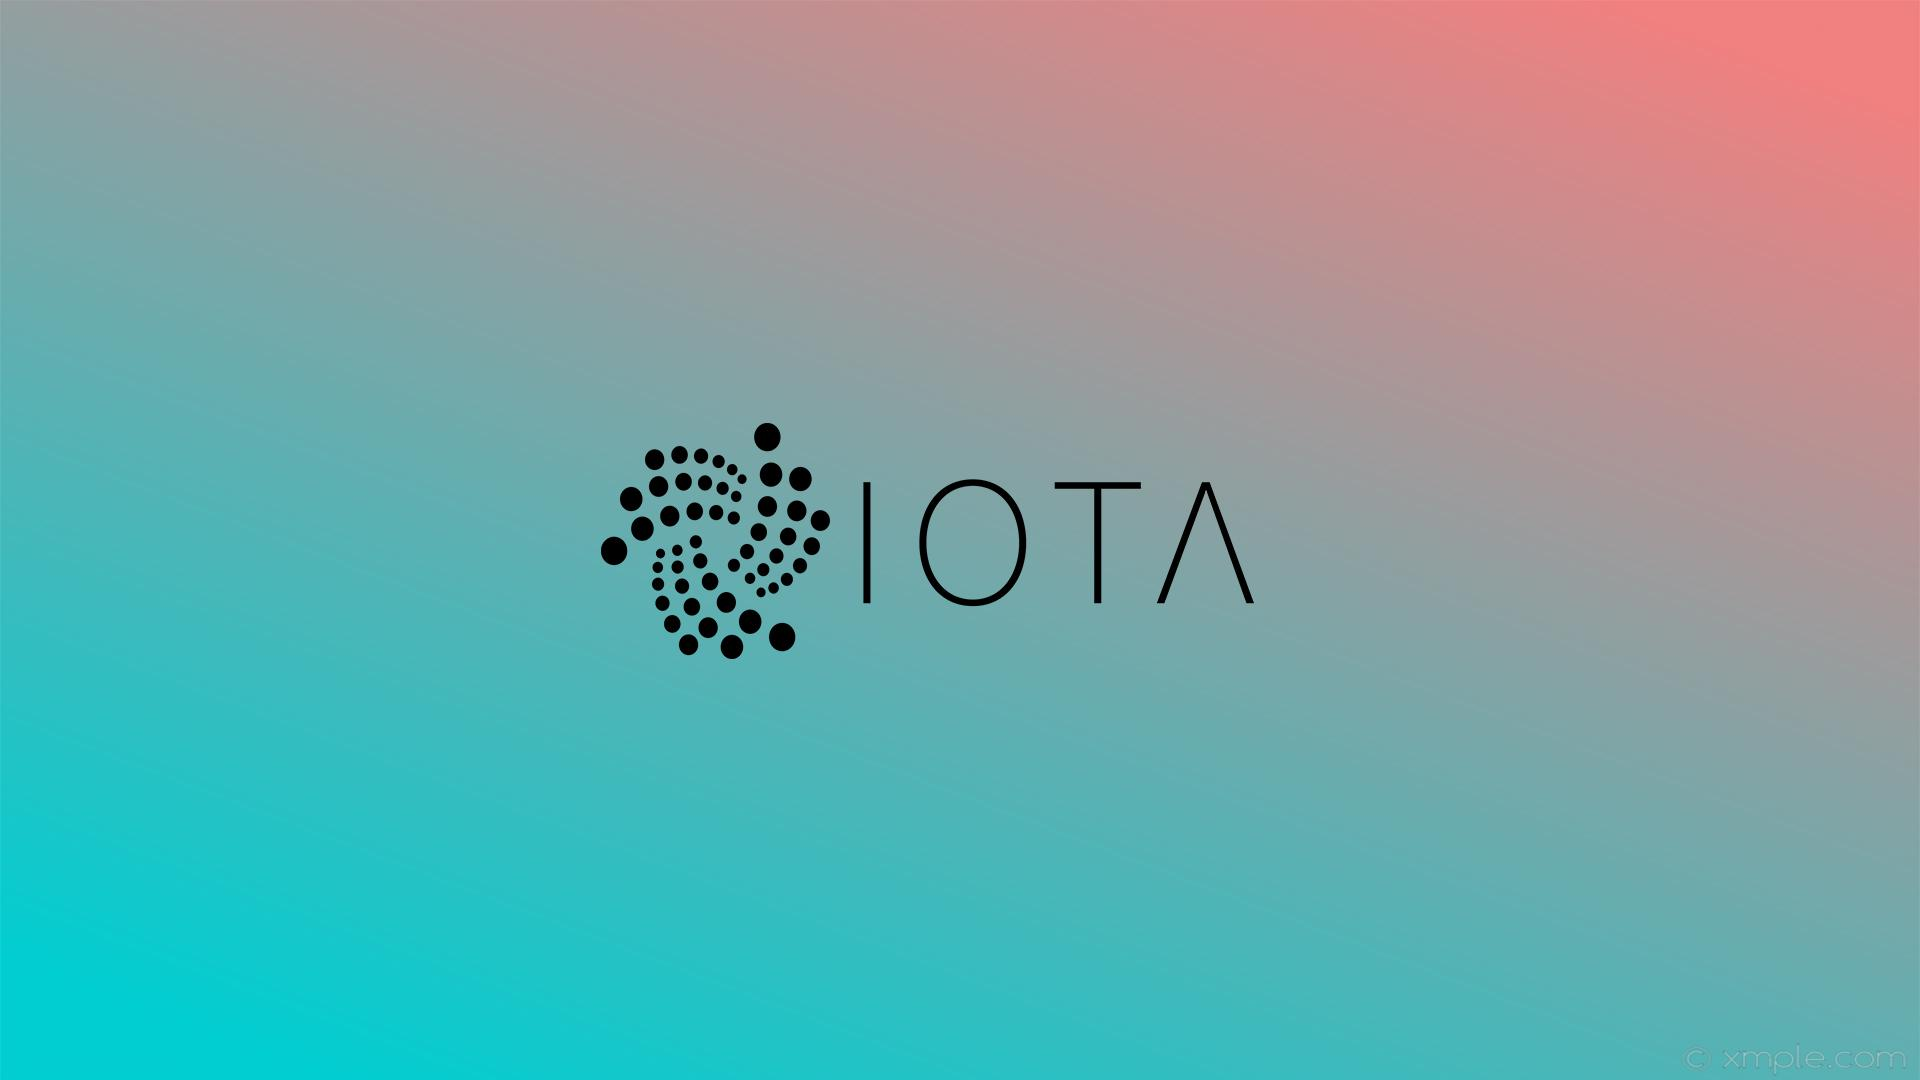 giá bitcoin: IOTA tạm khoá hệ thống để điều tra về số tiền bị đánh cắp trong ví lạnh Trinity